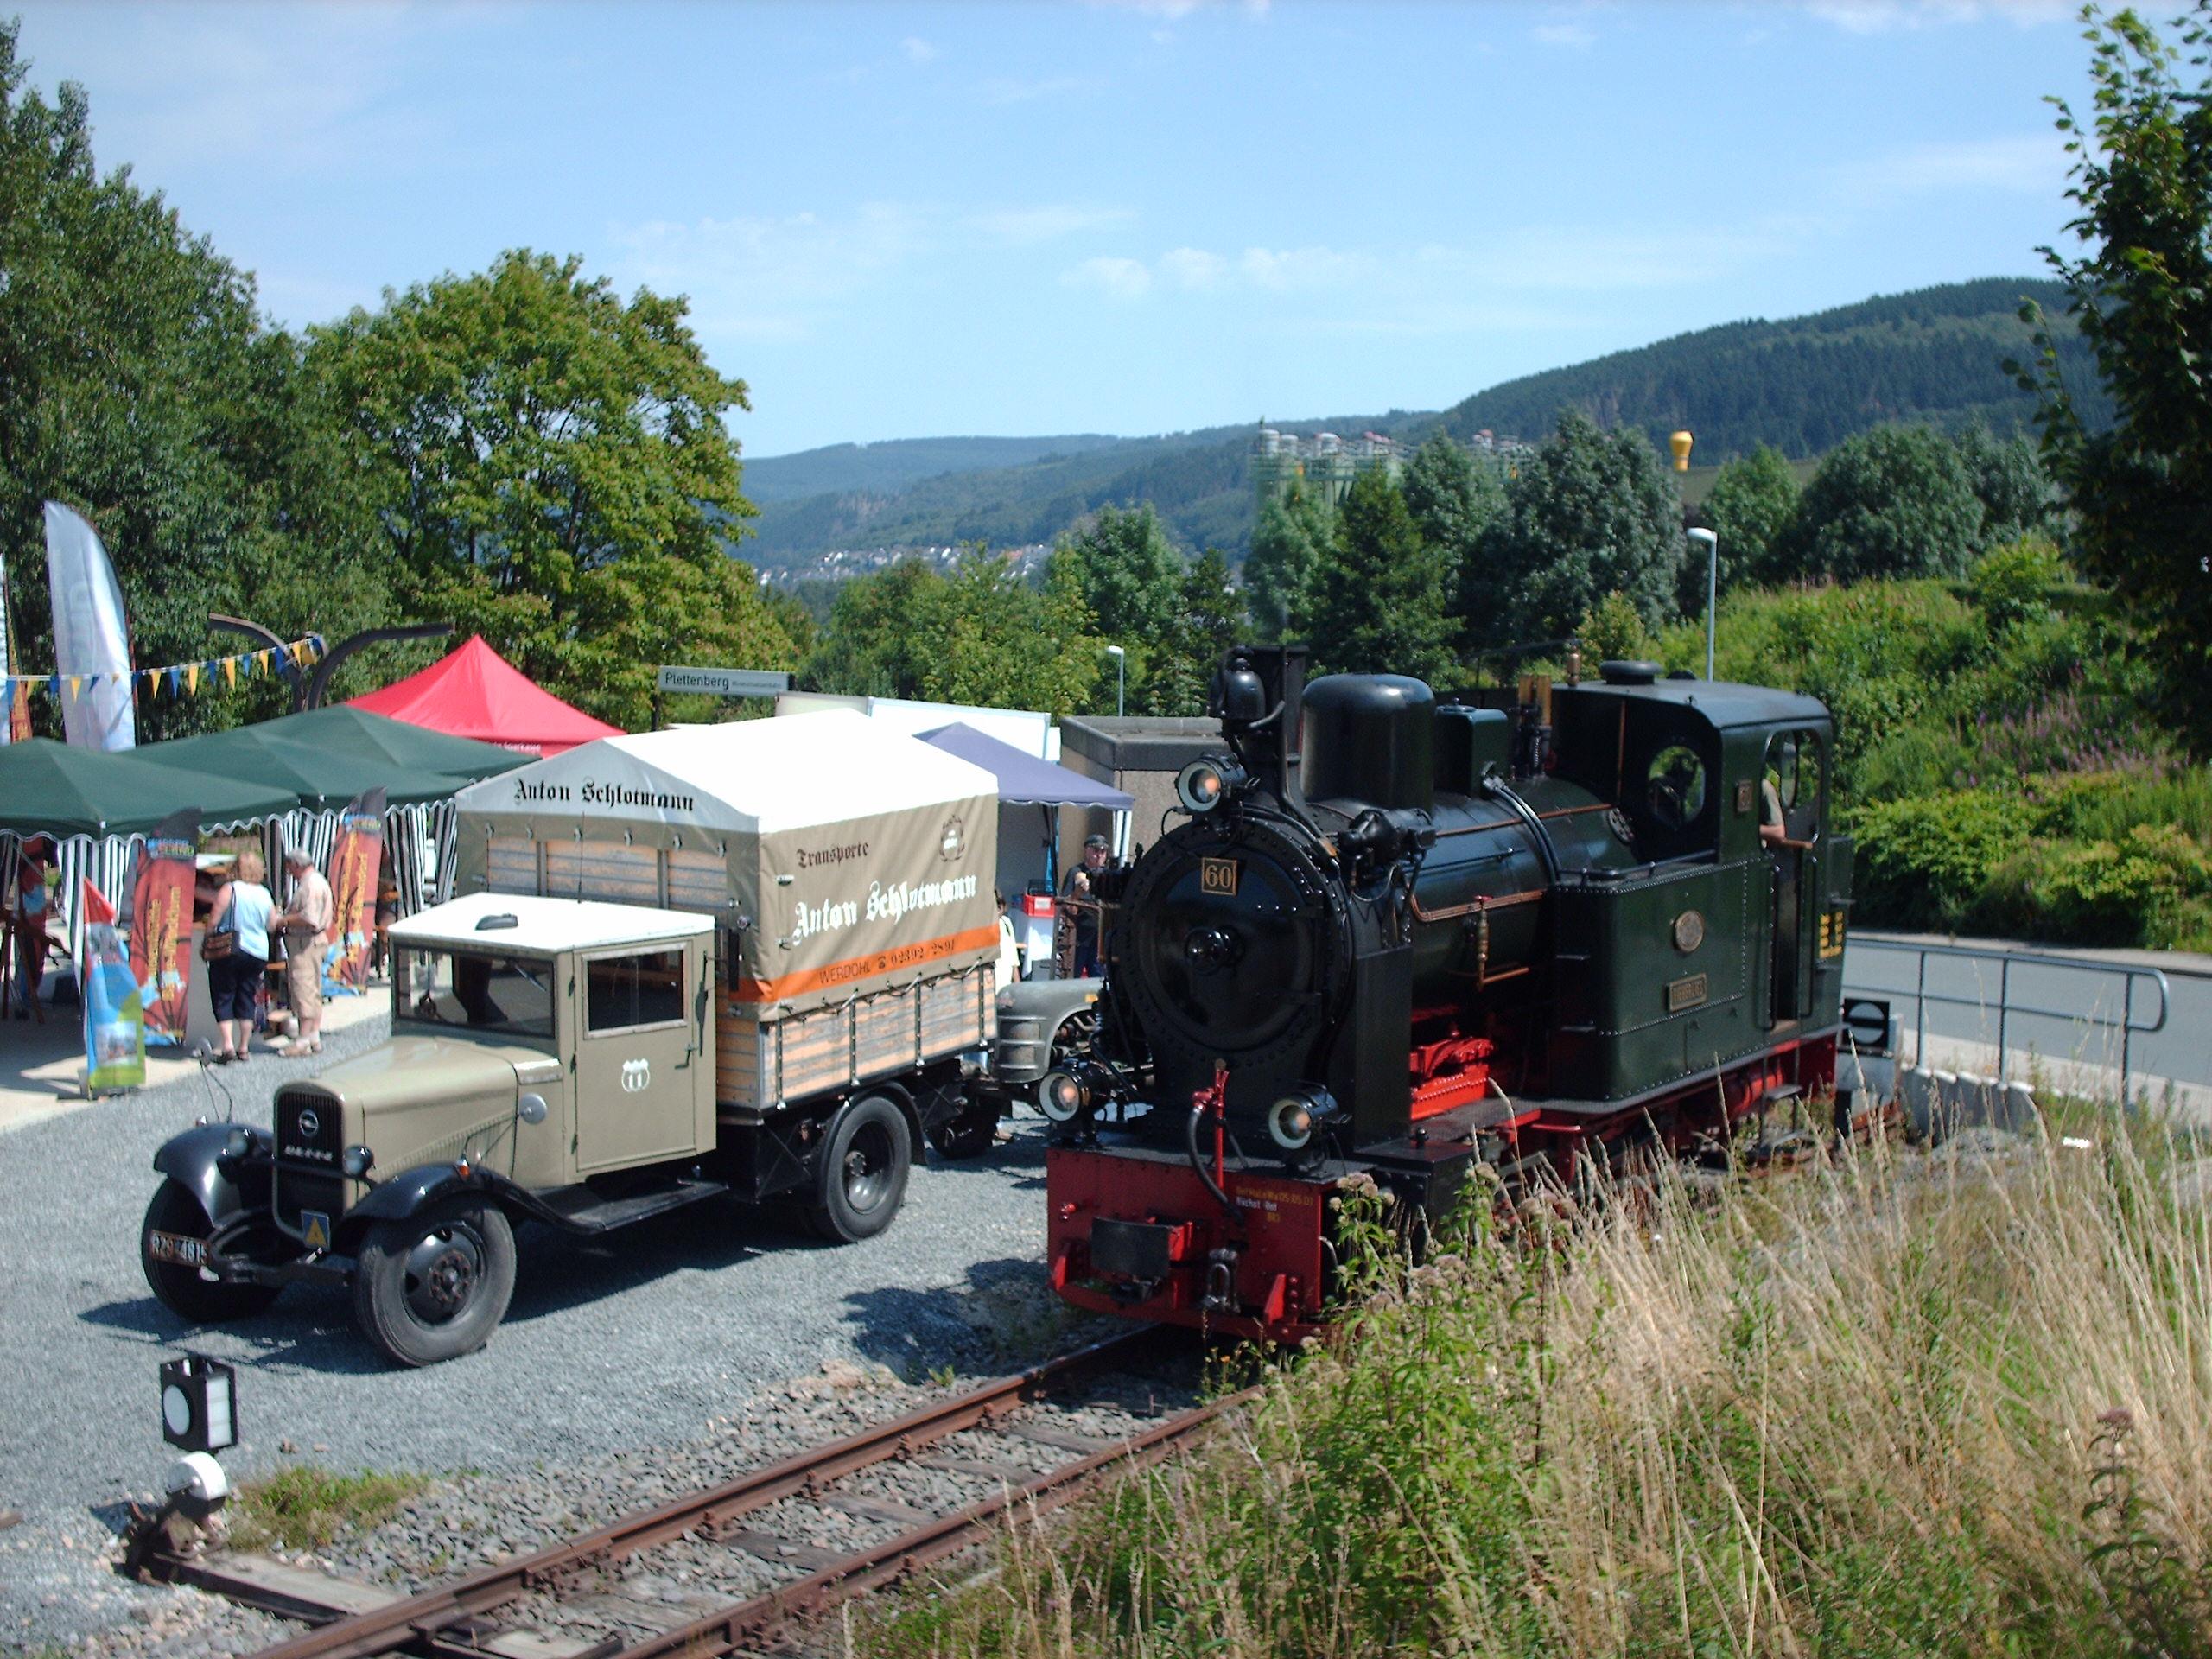 camion definizione SKB_Bieberlies_und_Blitz-Lkw